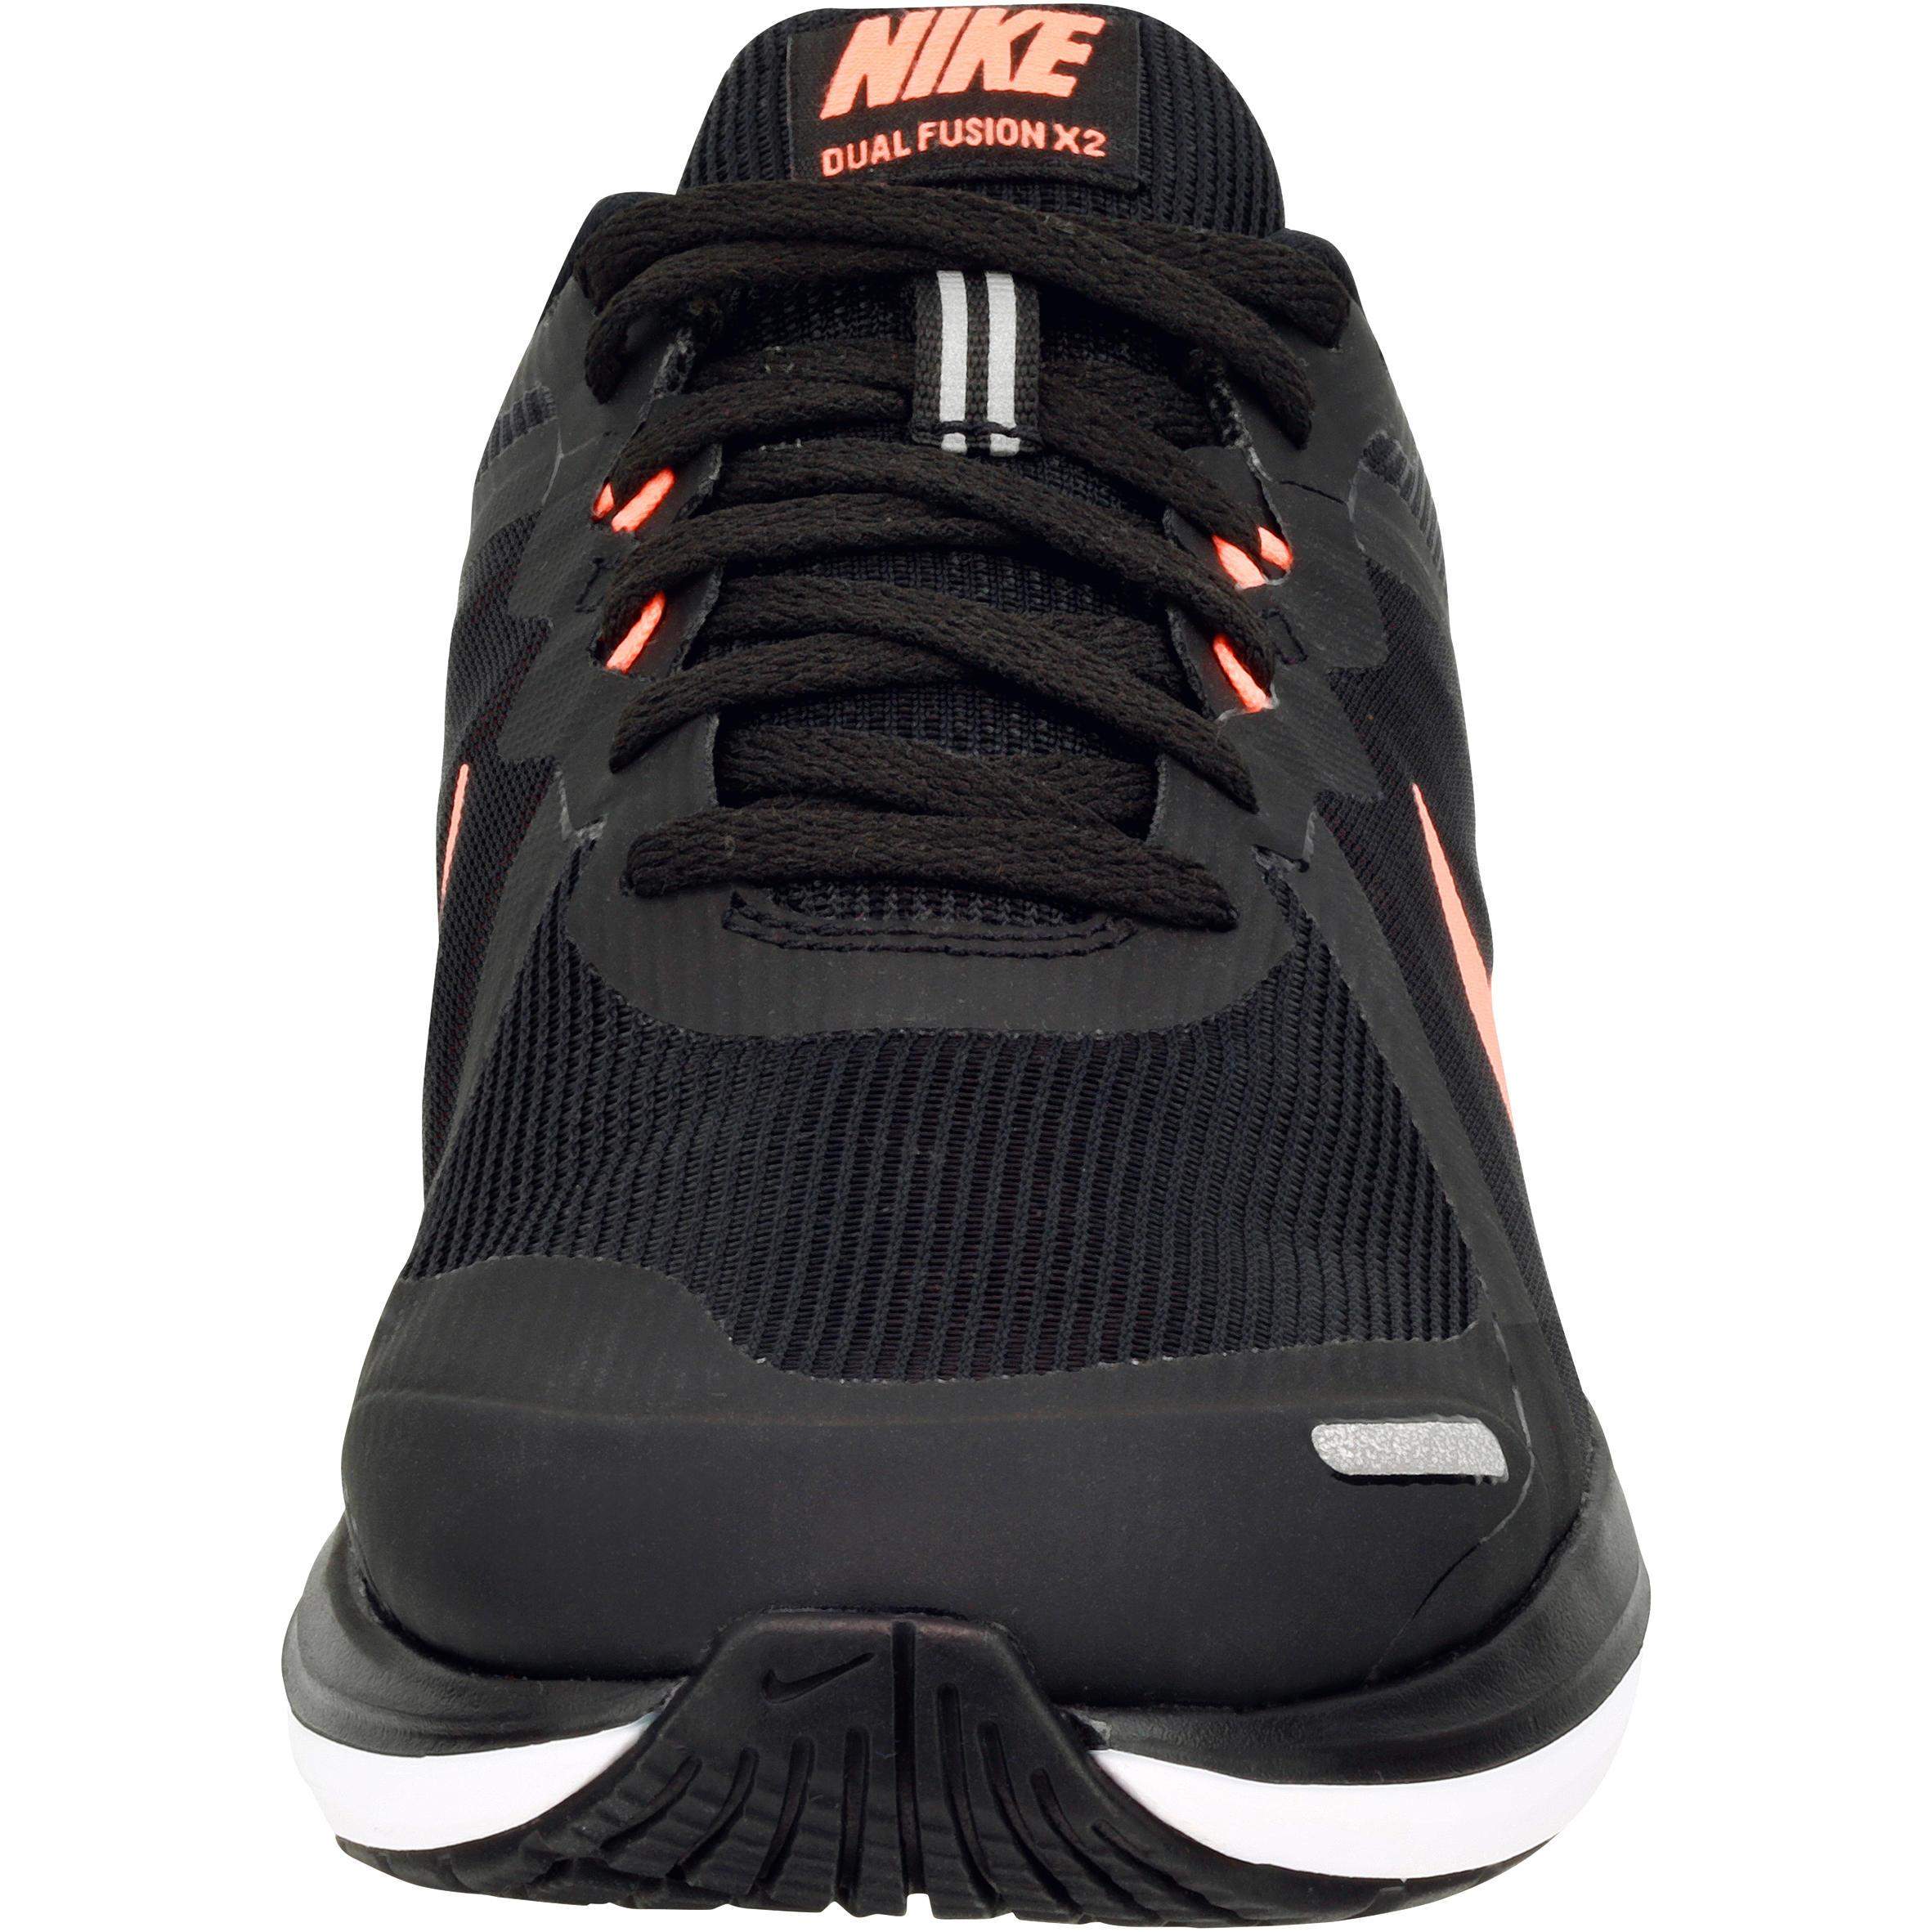 Chaussure Dual Femme Noir Pied Fusion X2 Jogging De Course À Nike pUGqSzMV